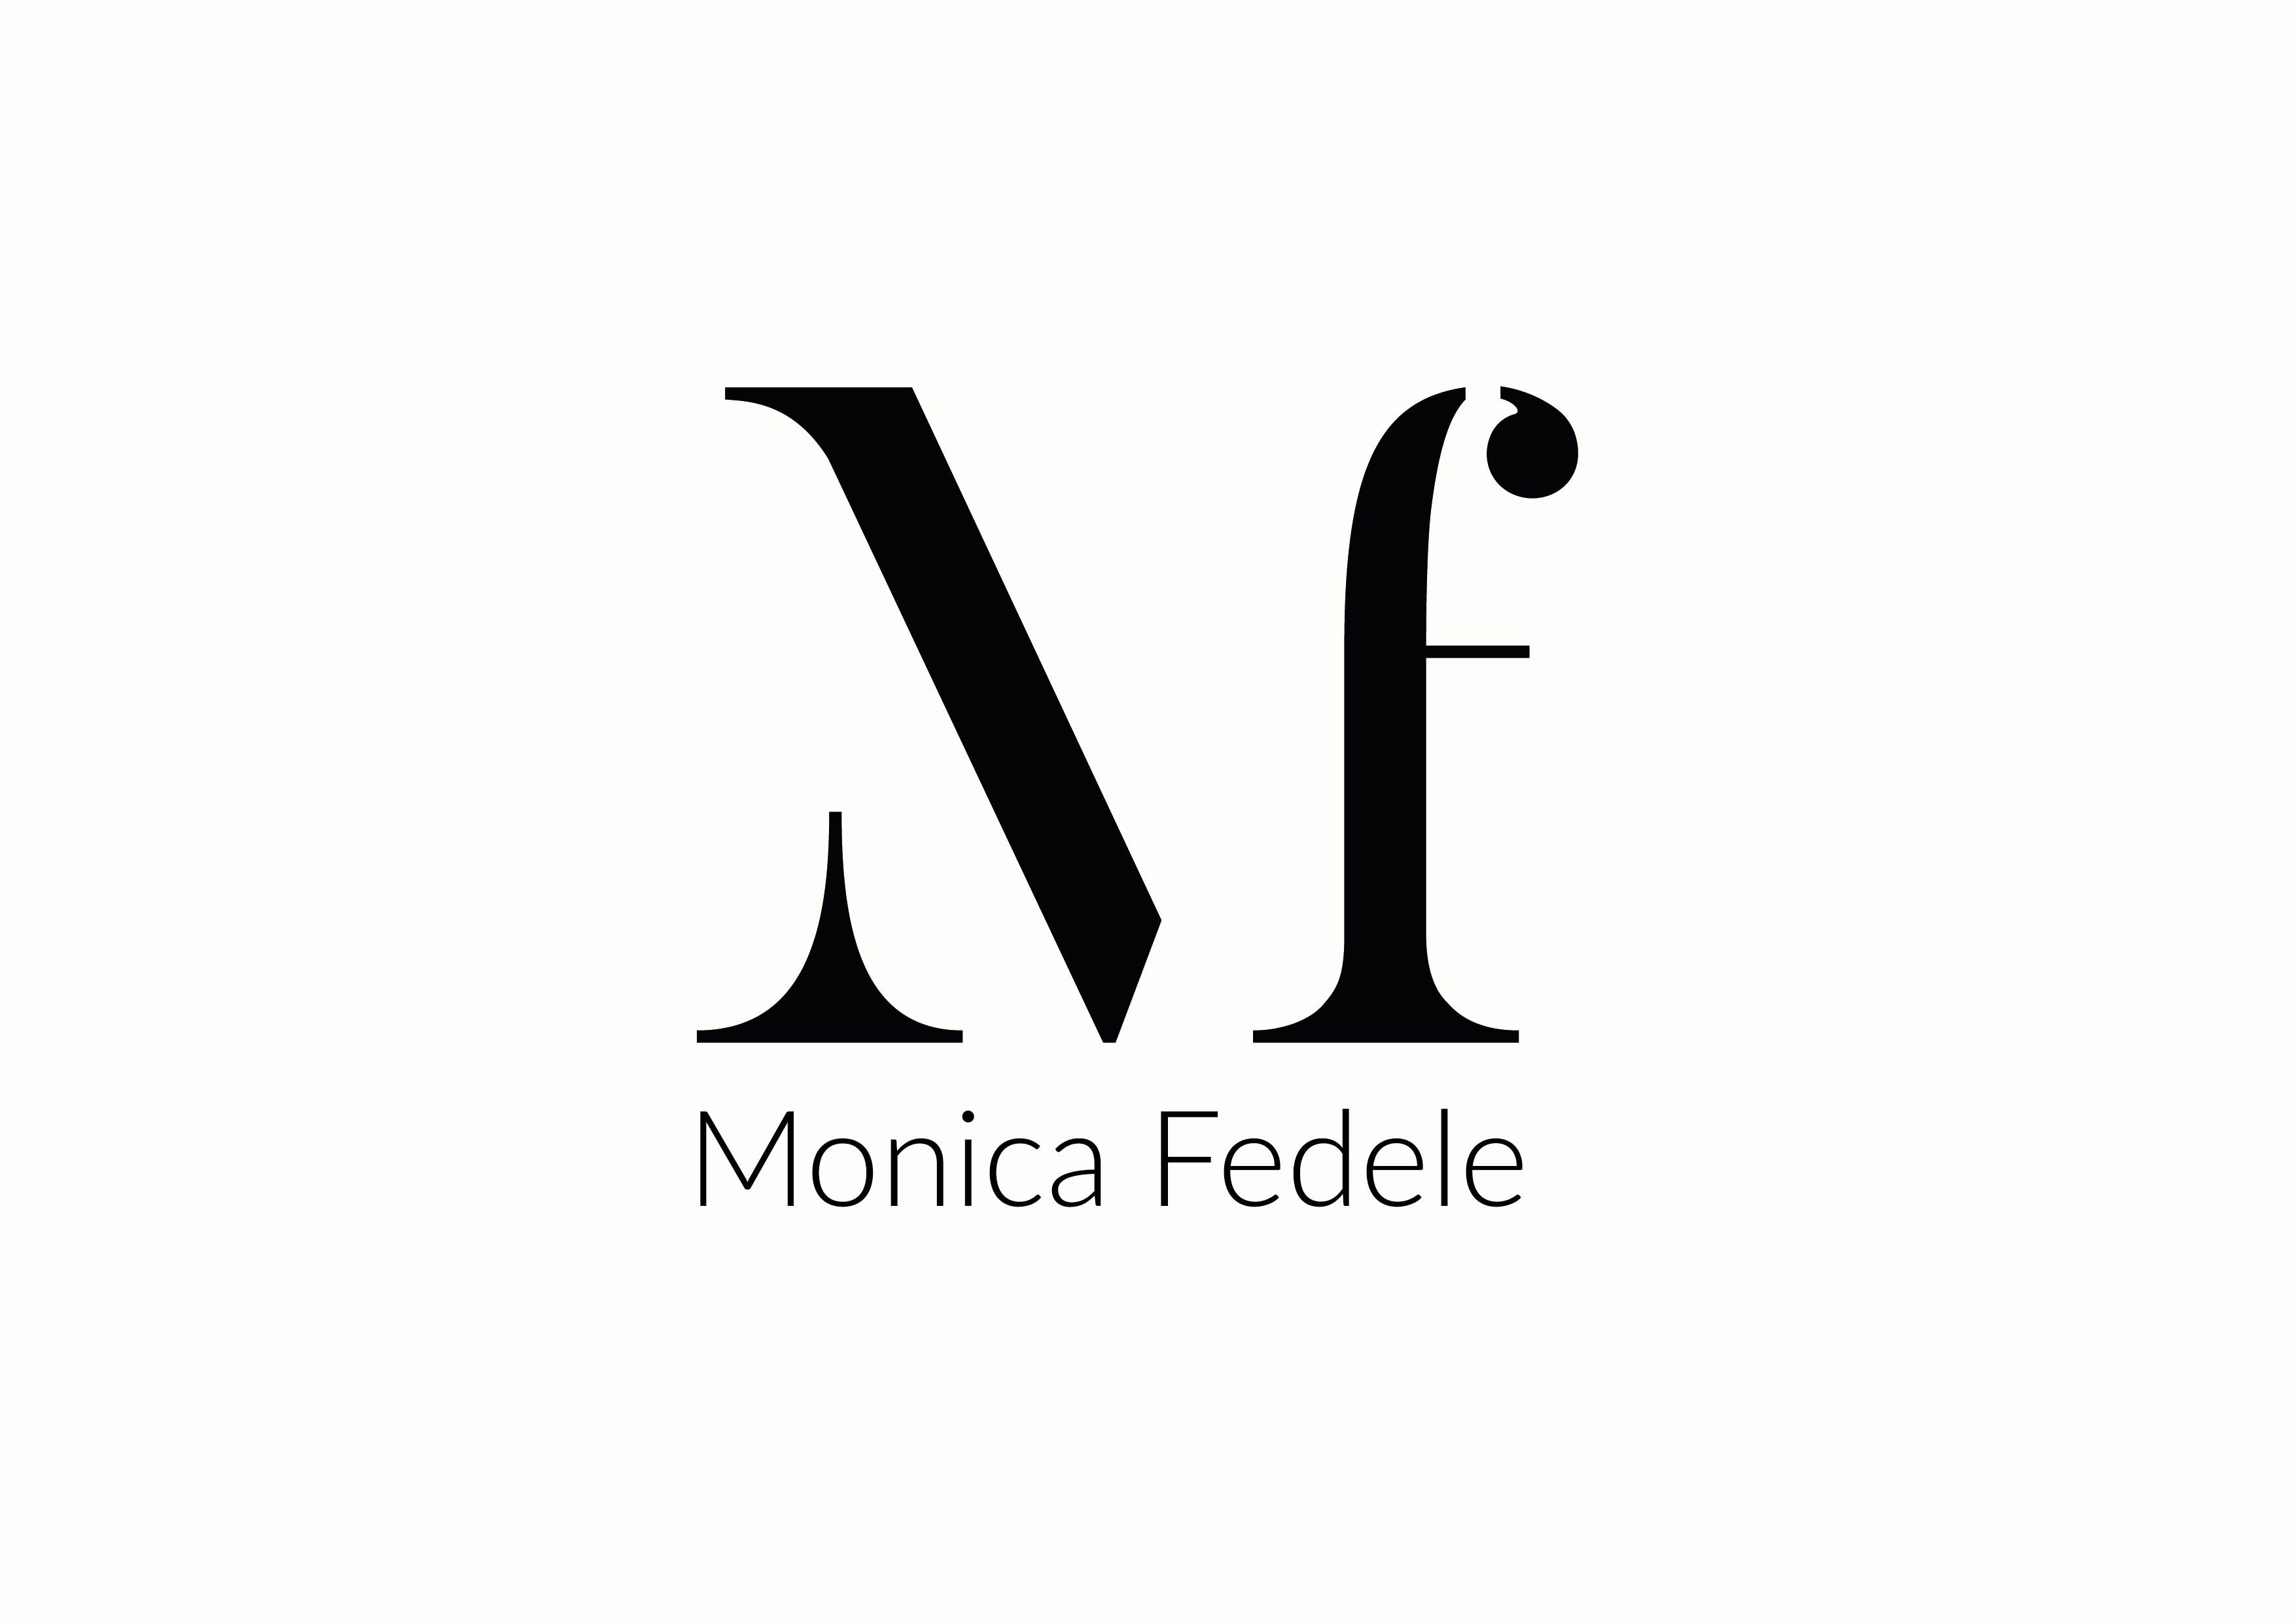 ผลการค้นหารูปภาพสำหรับ monograms logo